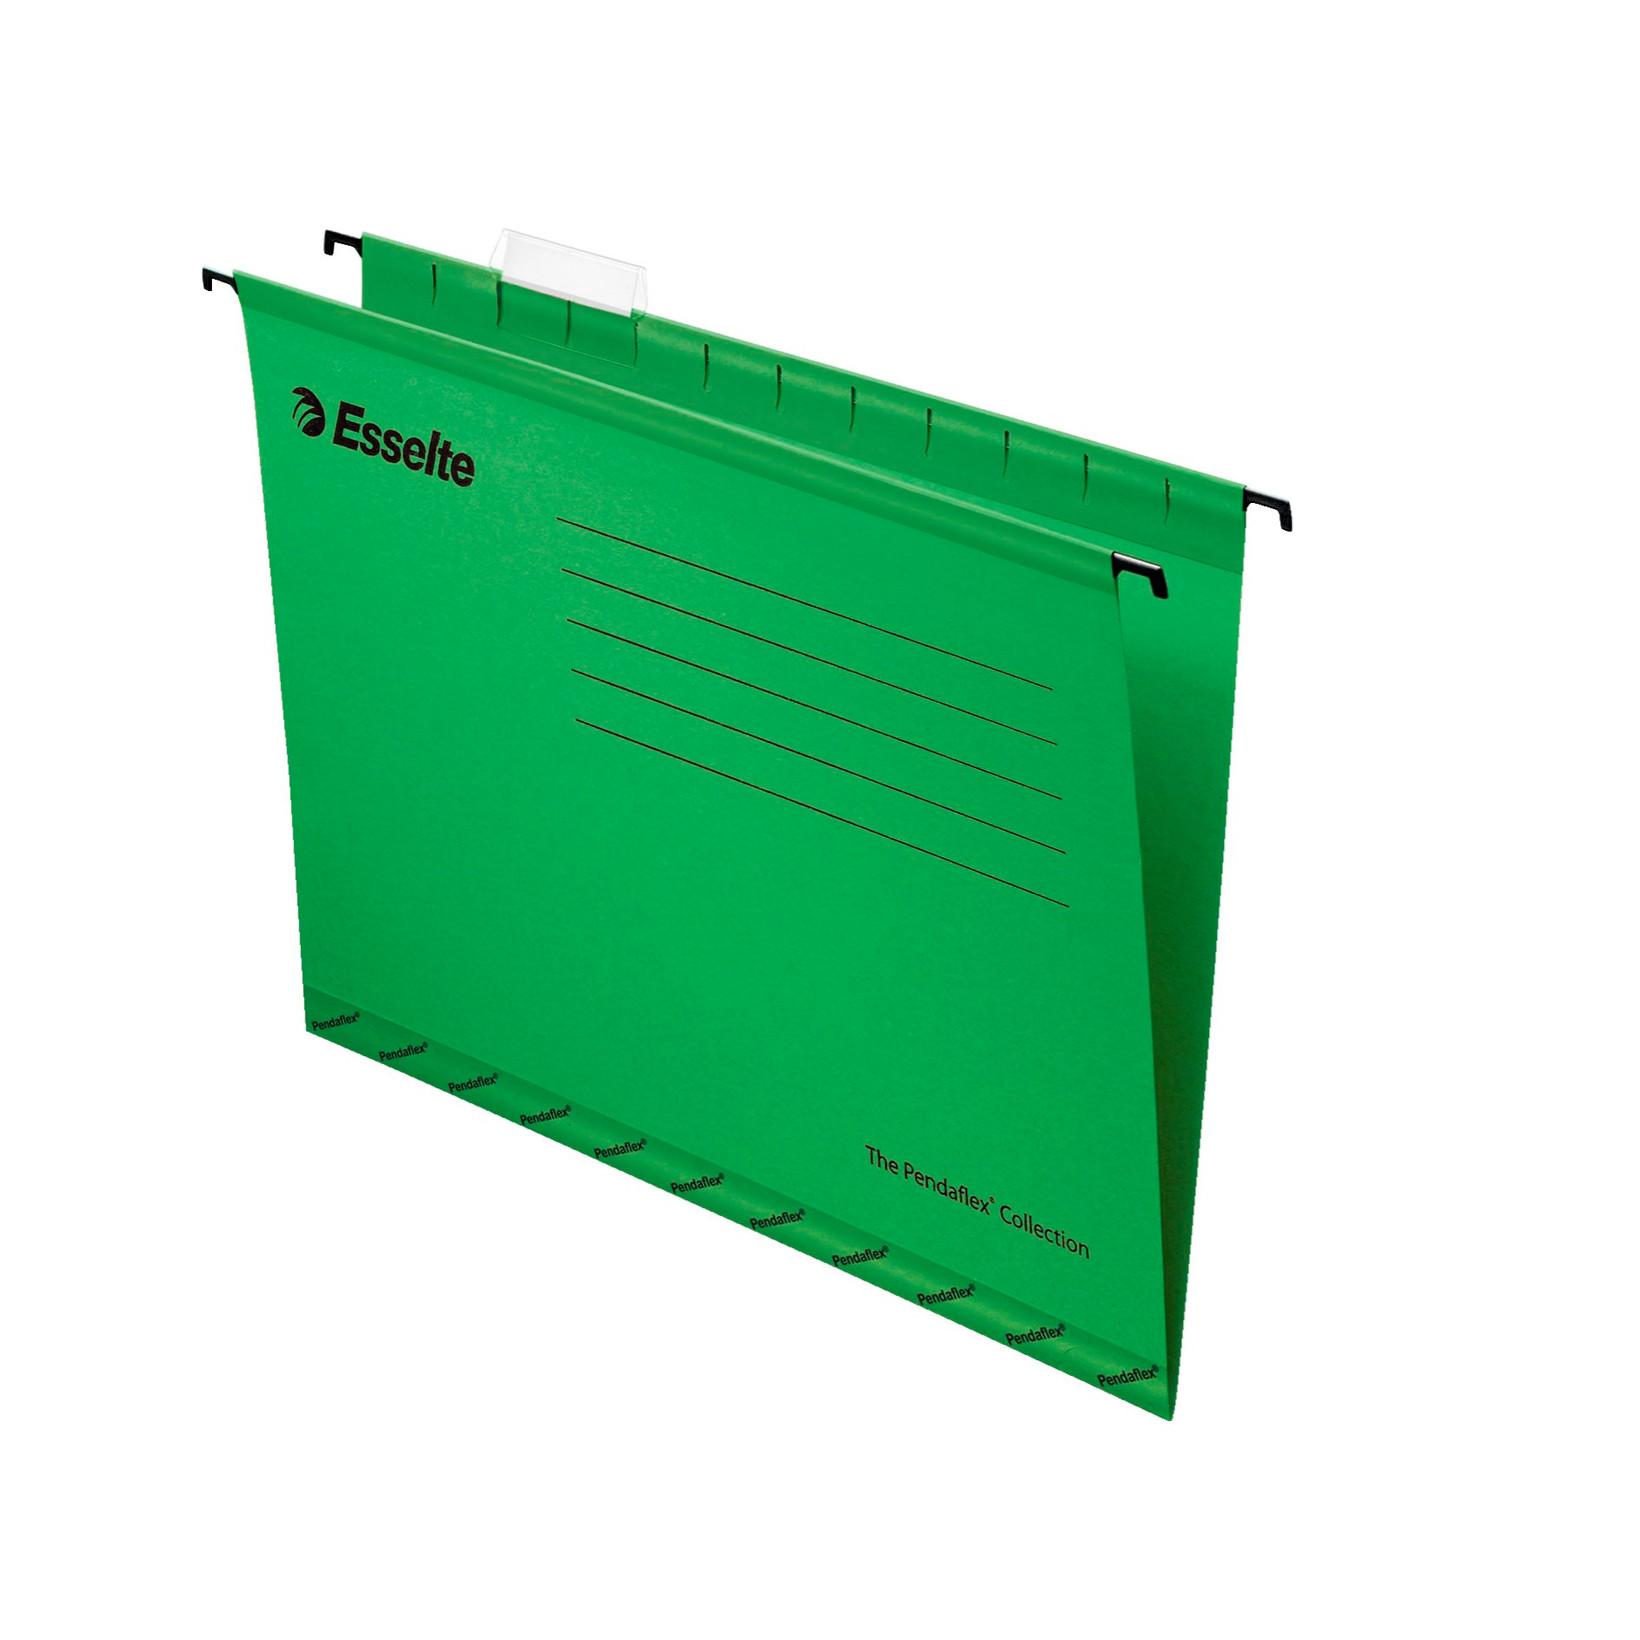 Hængemapper folio grøn - 25 stk i pakke